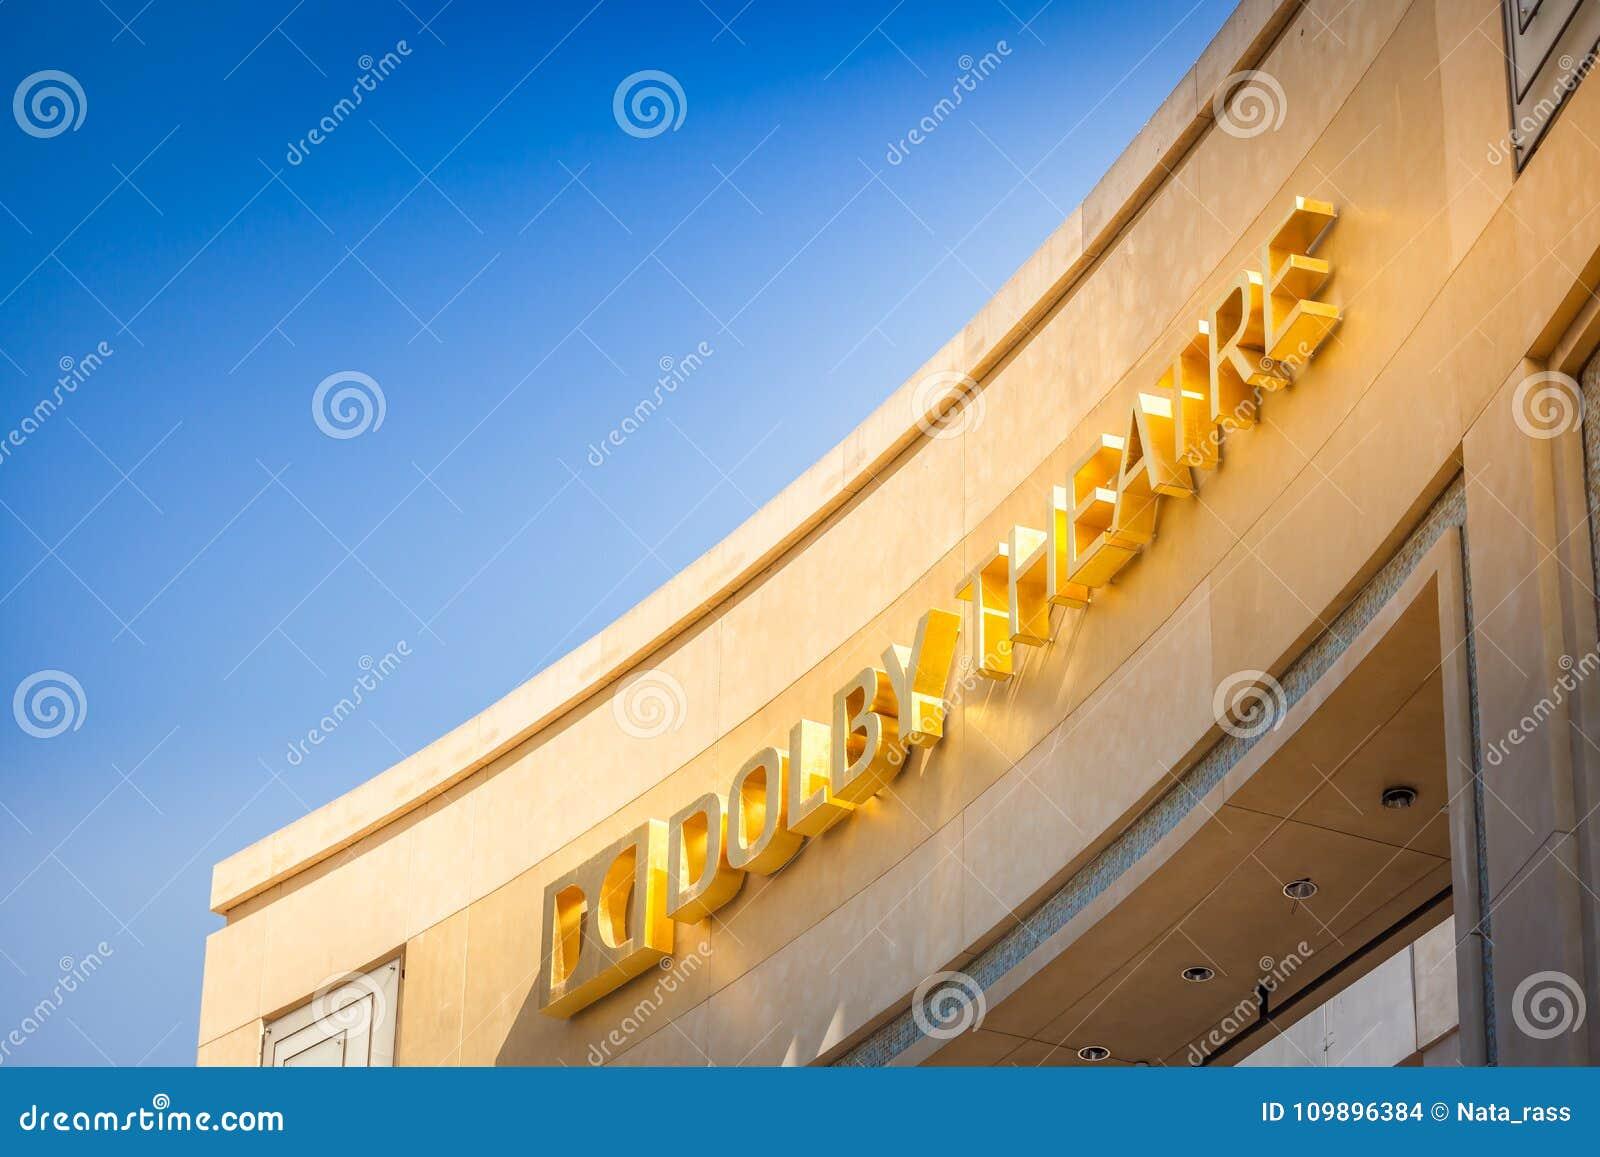 Dolby Theatre fasada przeciw niebieskiemu niebu